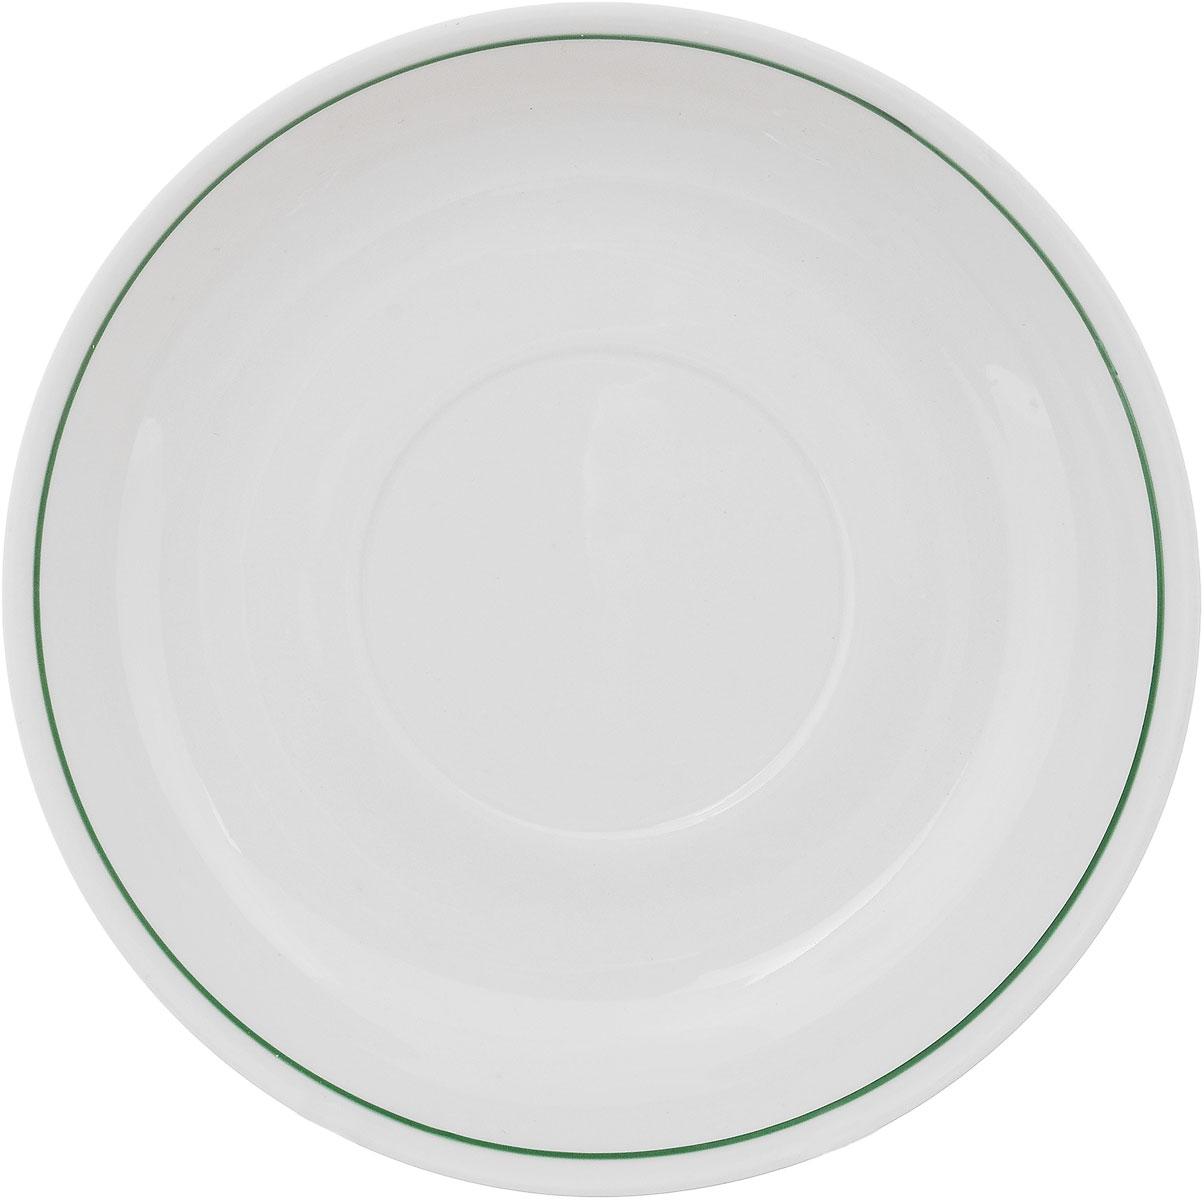 Блюдце Фарфор Вербилок, диаметр 14 см. 558001558001Блюдце Фарфор Вербилок выполнено из высококачественного фарфора. Изделие идеально подойдет для сервировки стола и станет отличным подарком к любому празднику.Диаметр блюдца (по верхнему краю): 14 см.Высота блюдца: 2,5 см.